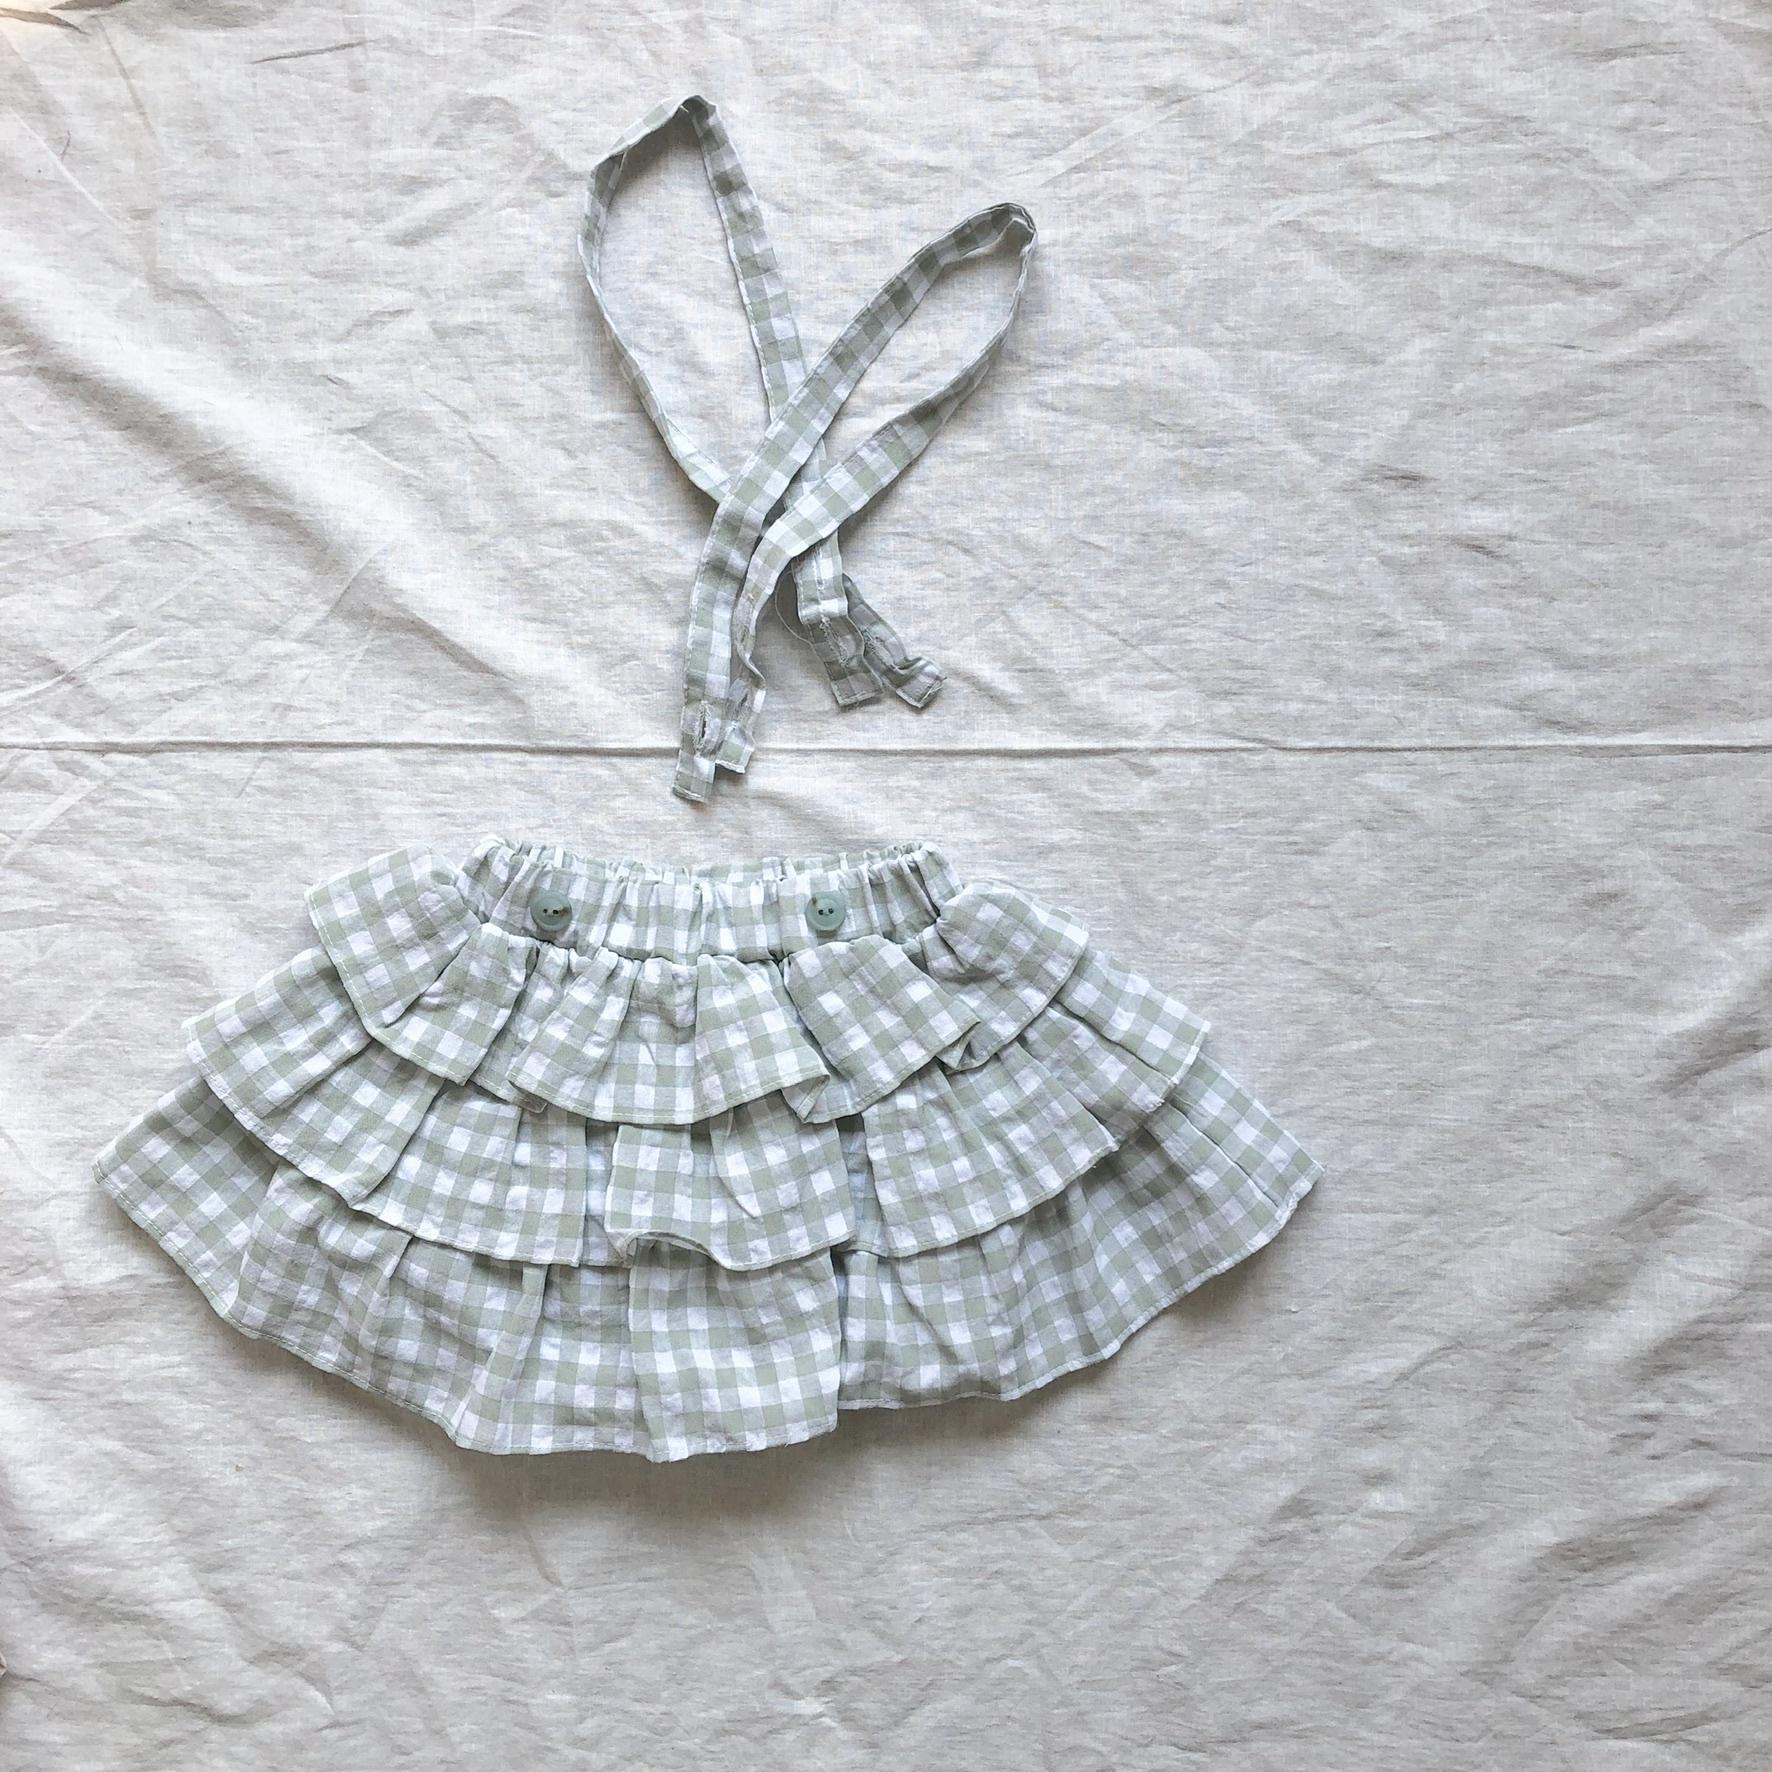 《 160 》Non salopette skirt